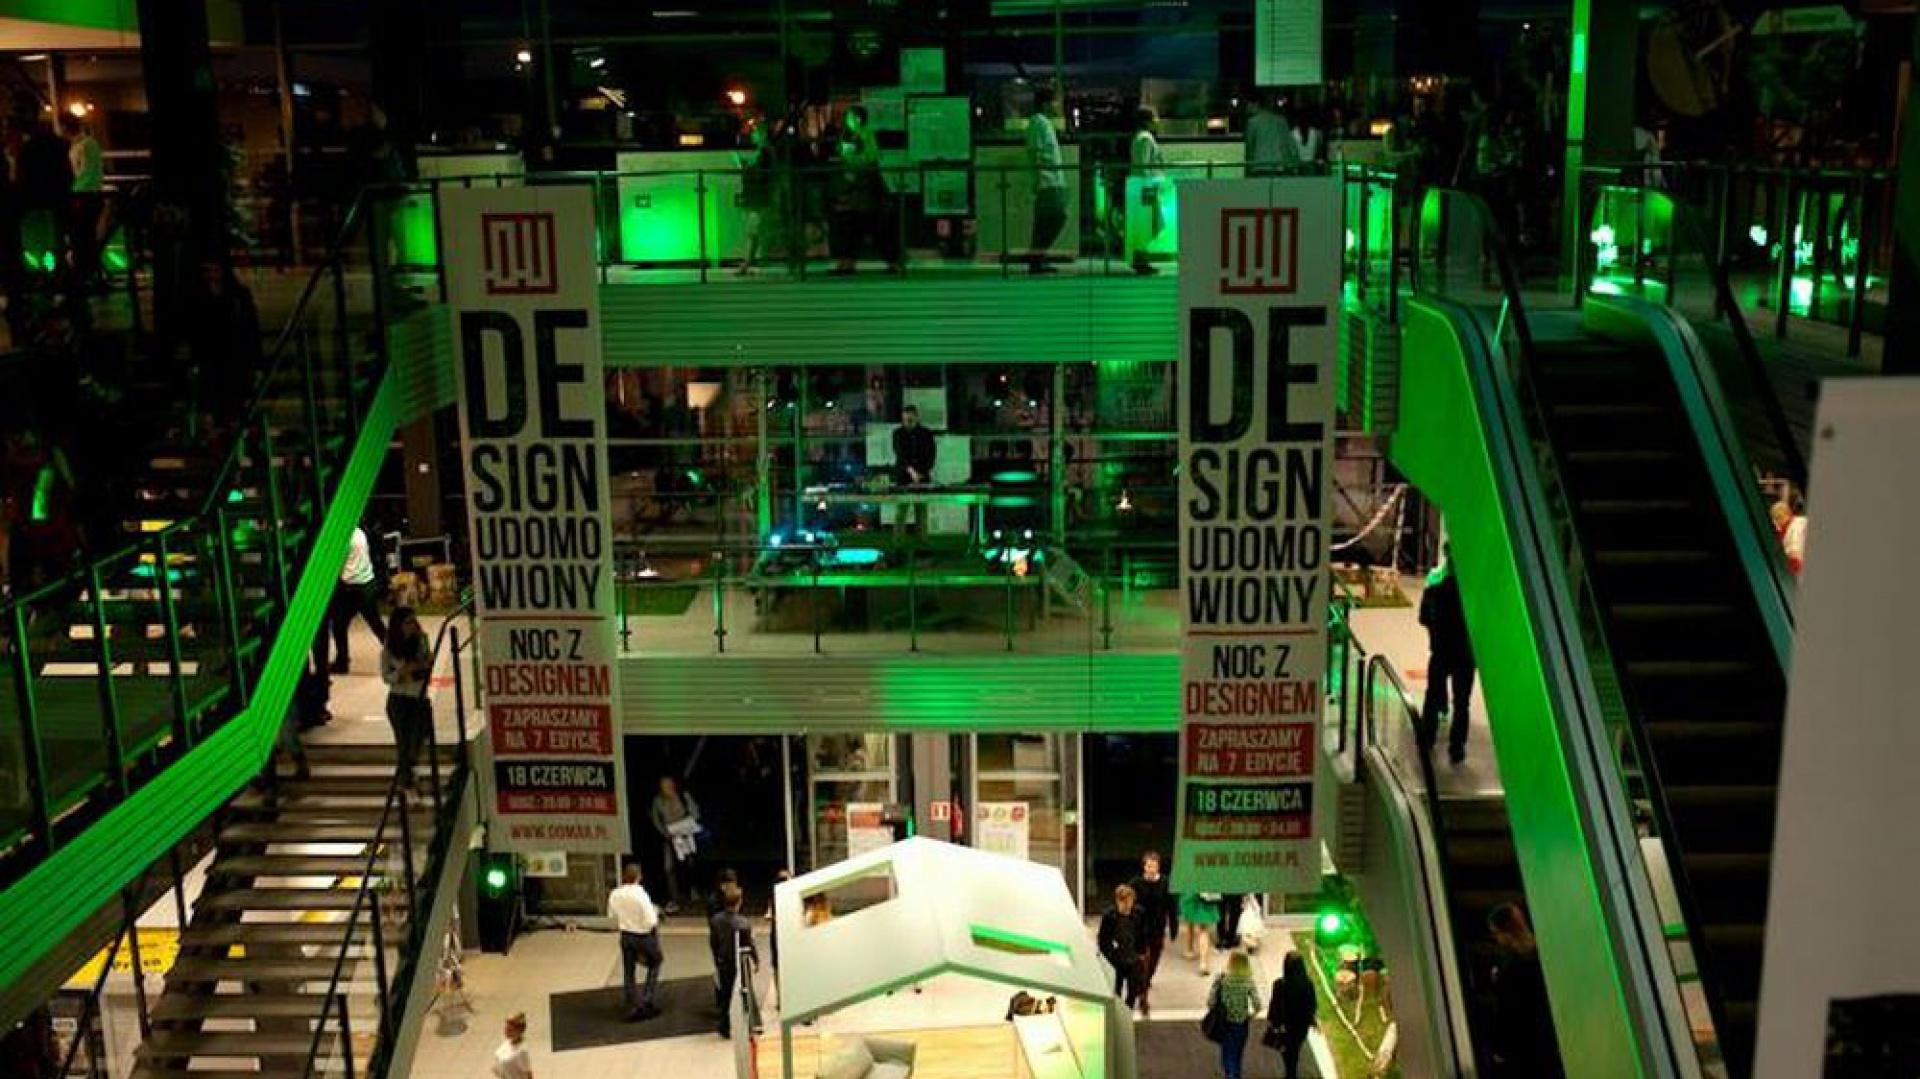 W  wrocławskiej Galerii Wnętrz Domar, 18 czerwca odbyła się  Noc z Designem inaugurująca Design Udomowiony. Hasłem towarzyszącym 7. edycji wydarzenia, był  \